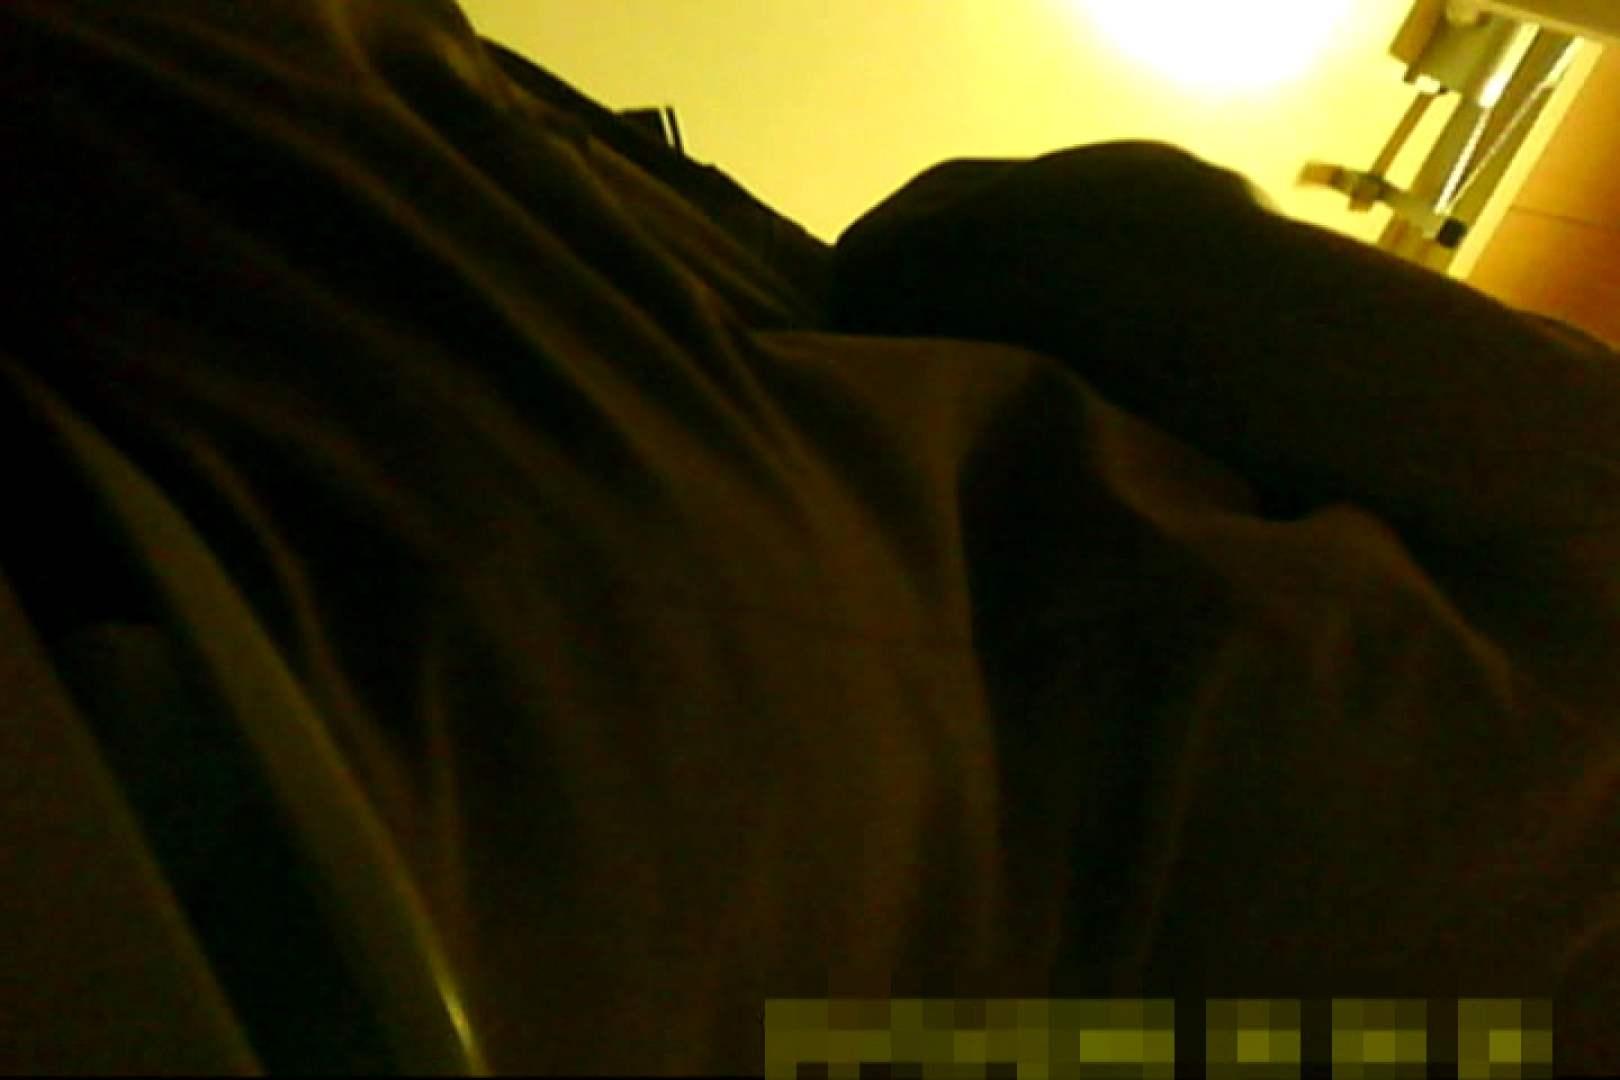 魅惑の化粧室~禁断のプライベート空間~20 プライベート 盗撮動画紹介 72pic 35